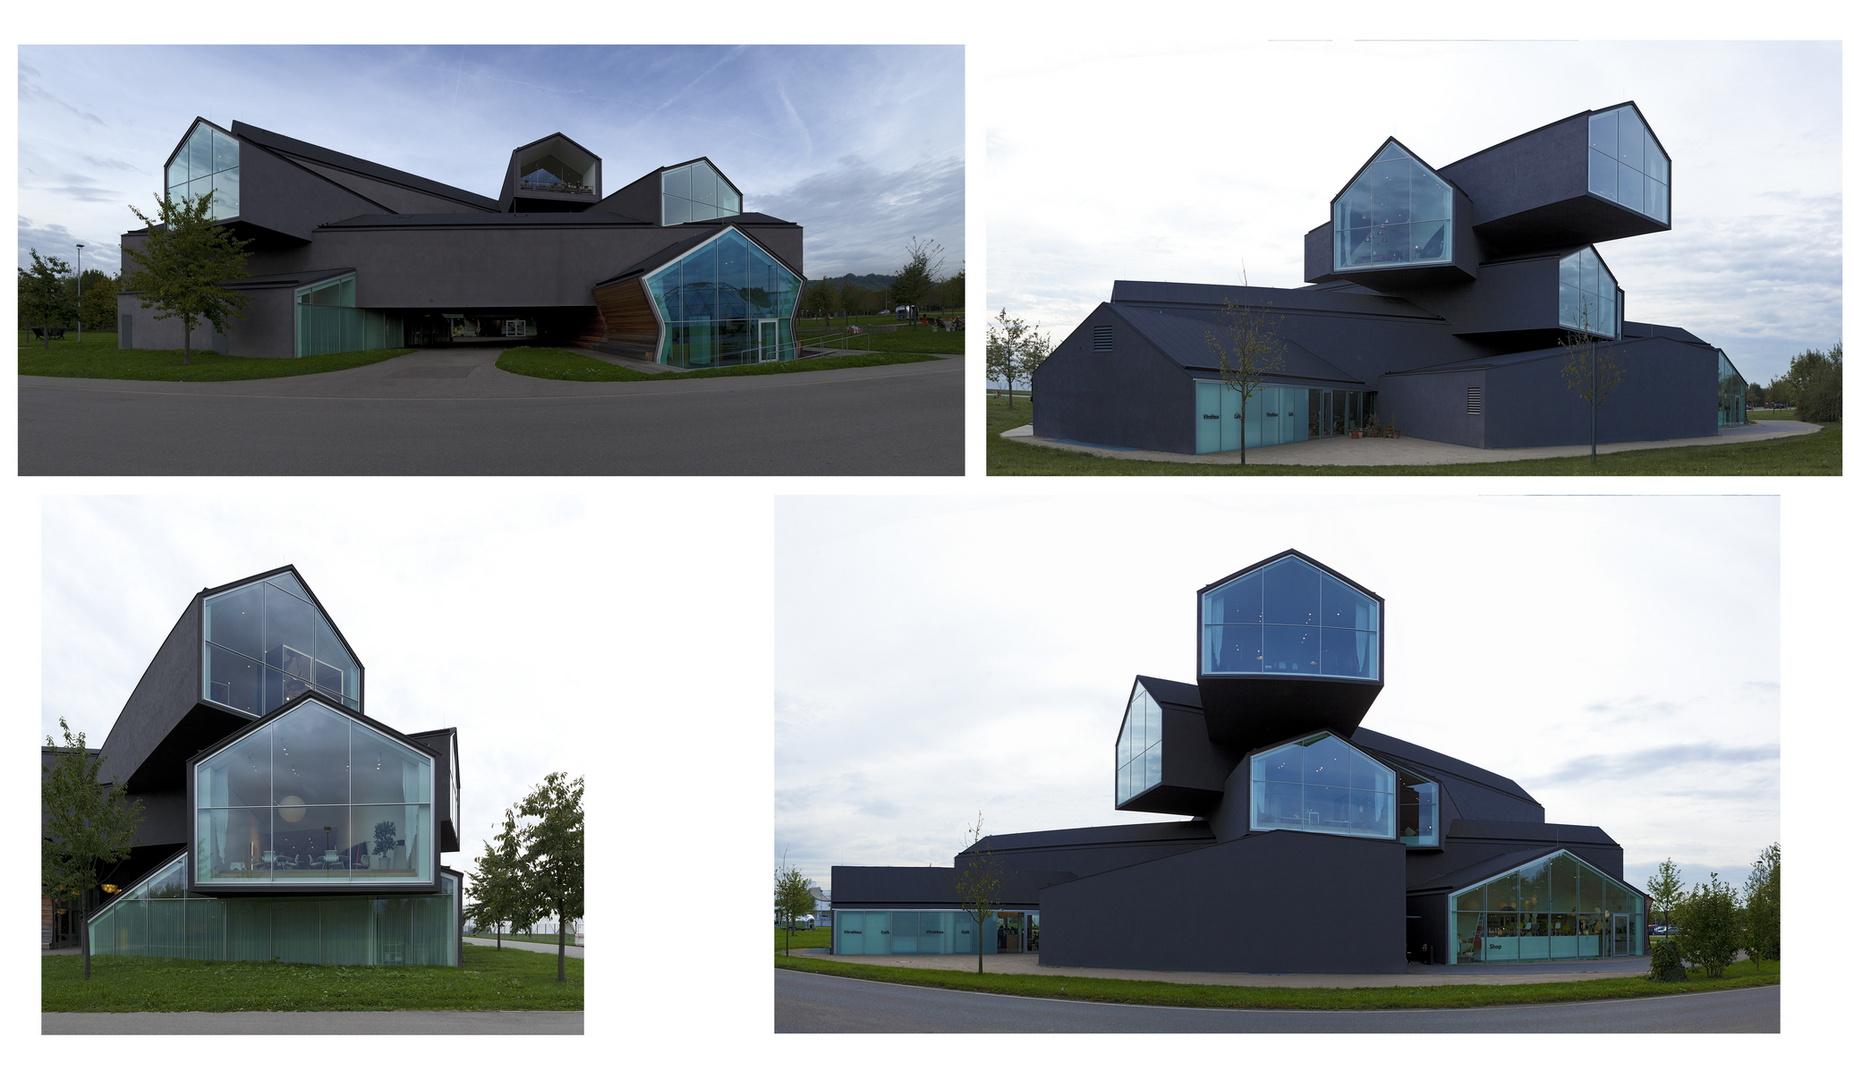 Das Vitra-Haus. Seitenansichten